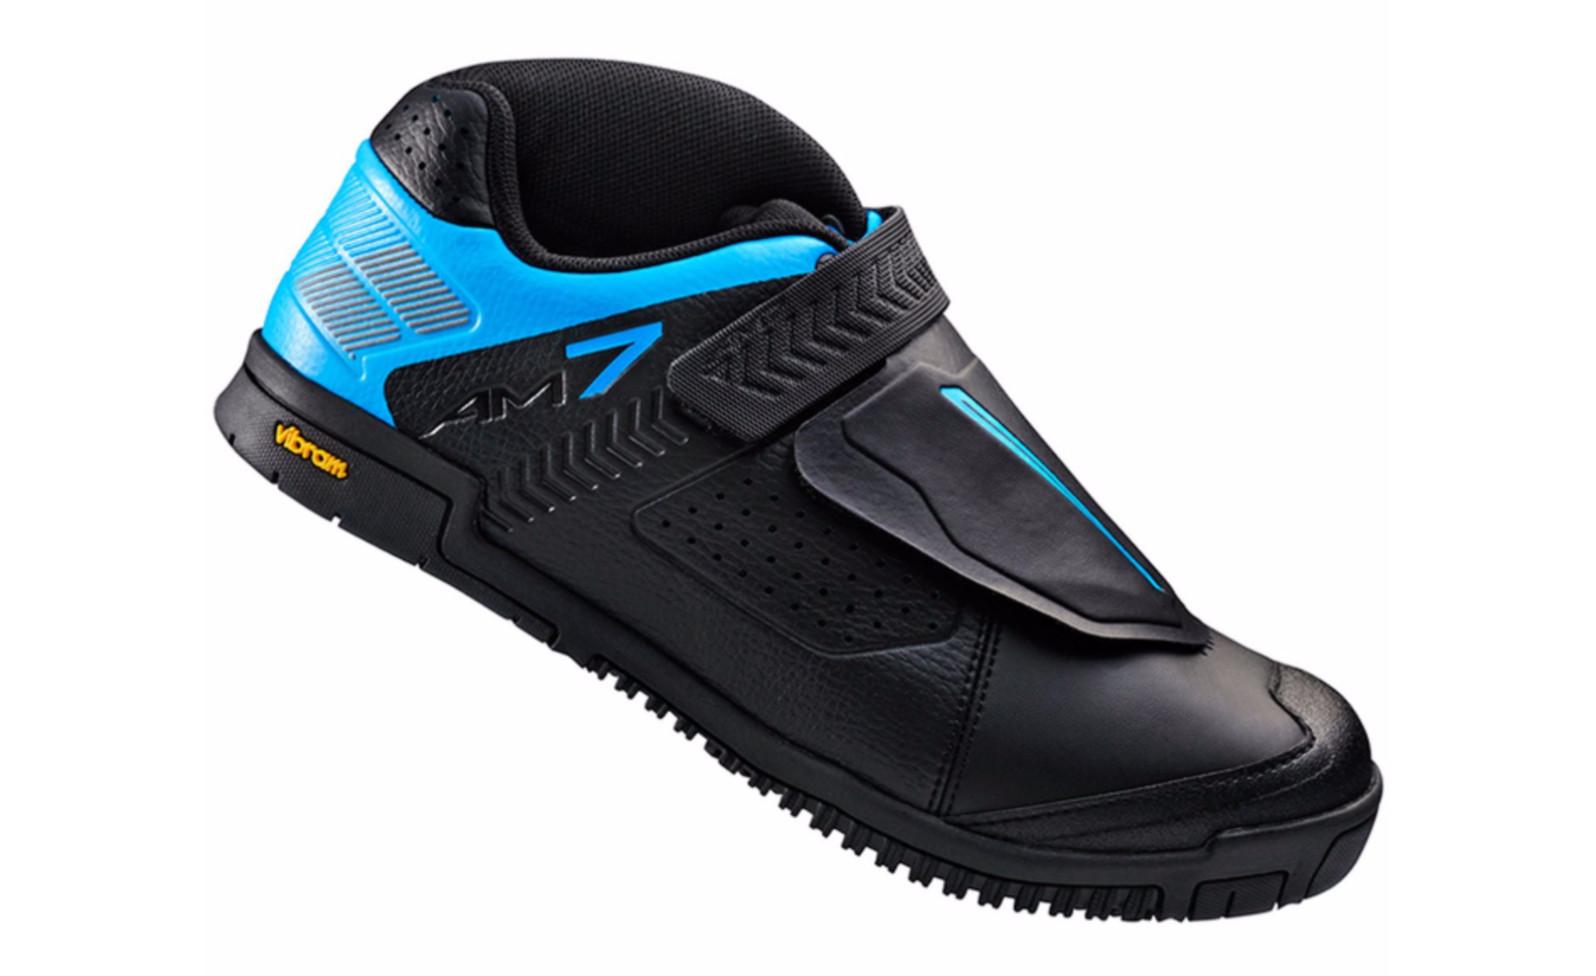 Shimano Sh Am700 Flat Pedal Shoe Reviews Comparisons